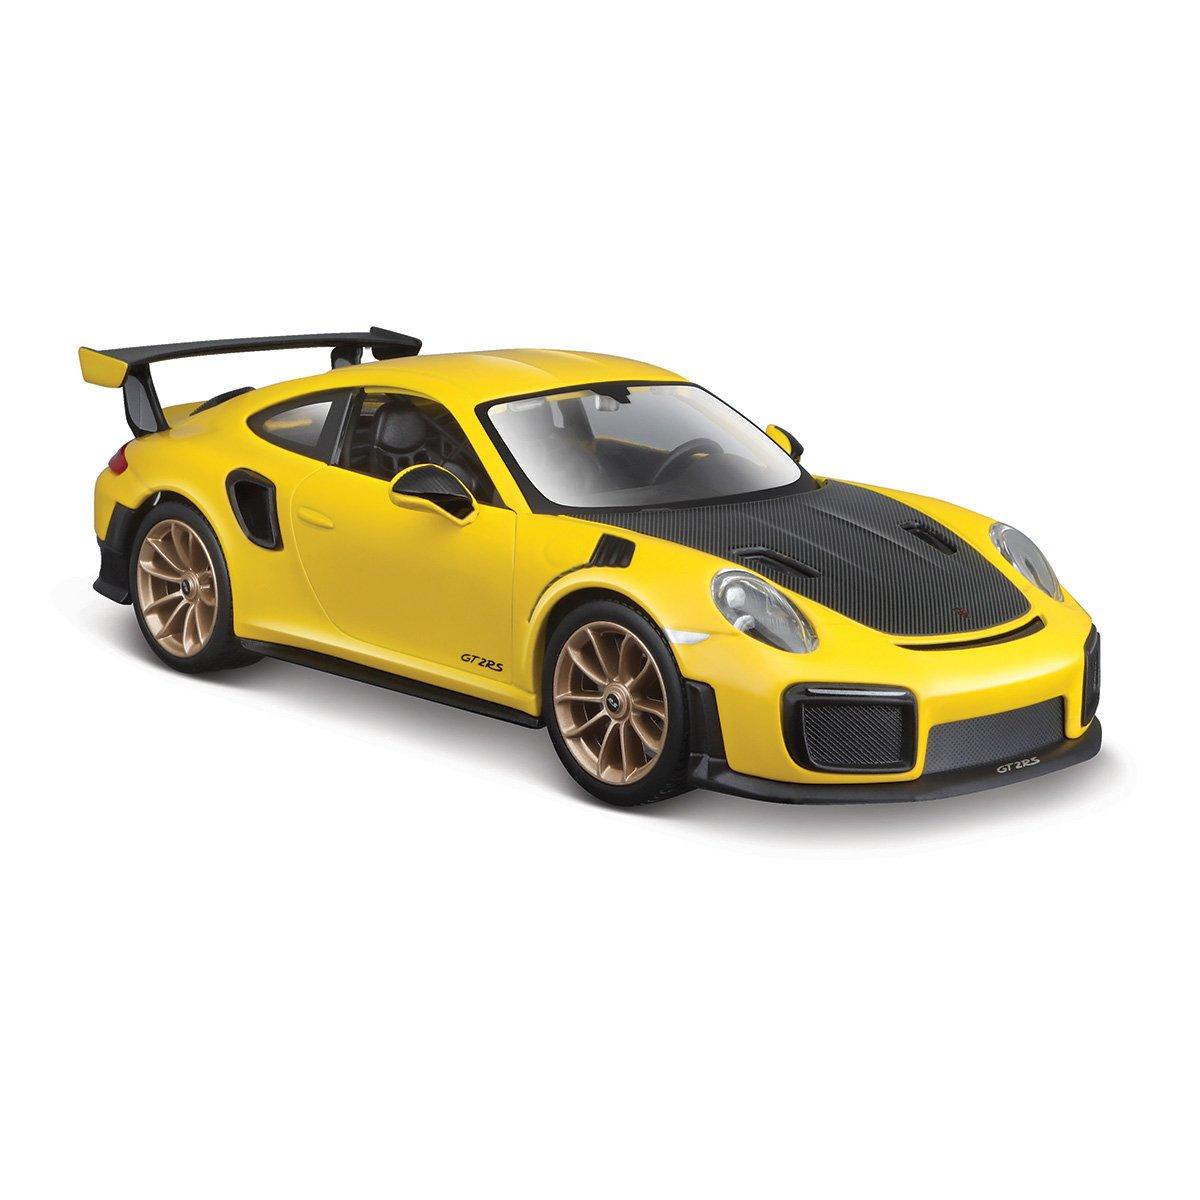 Masinuta Maisto Porsche 911 GT2 RS, 1:24, Galben